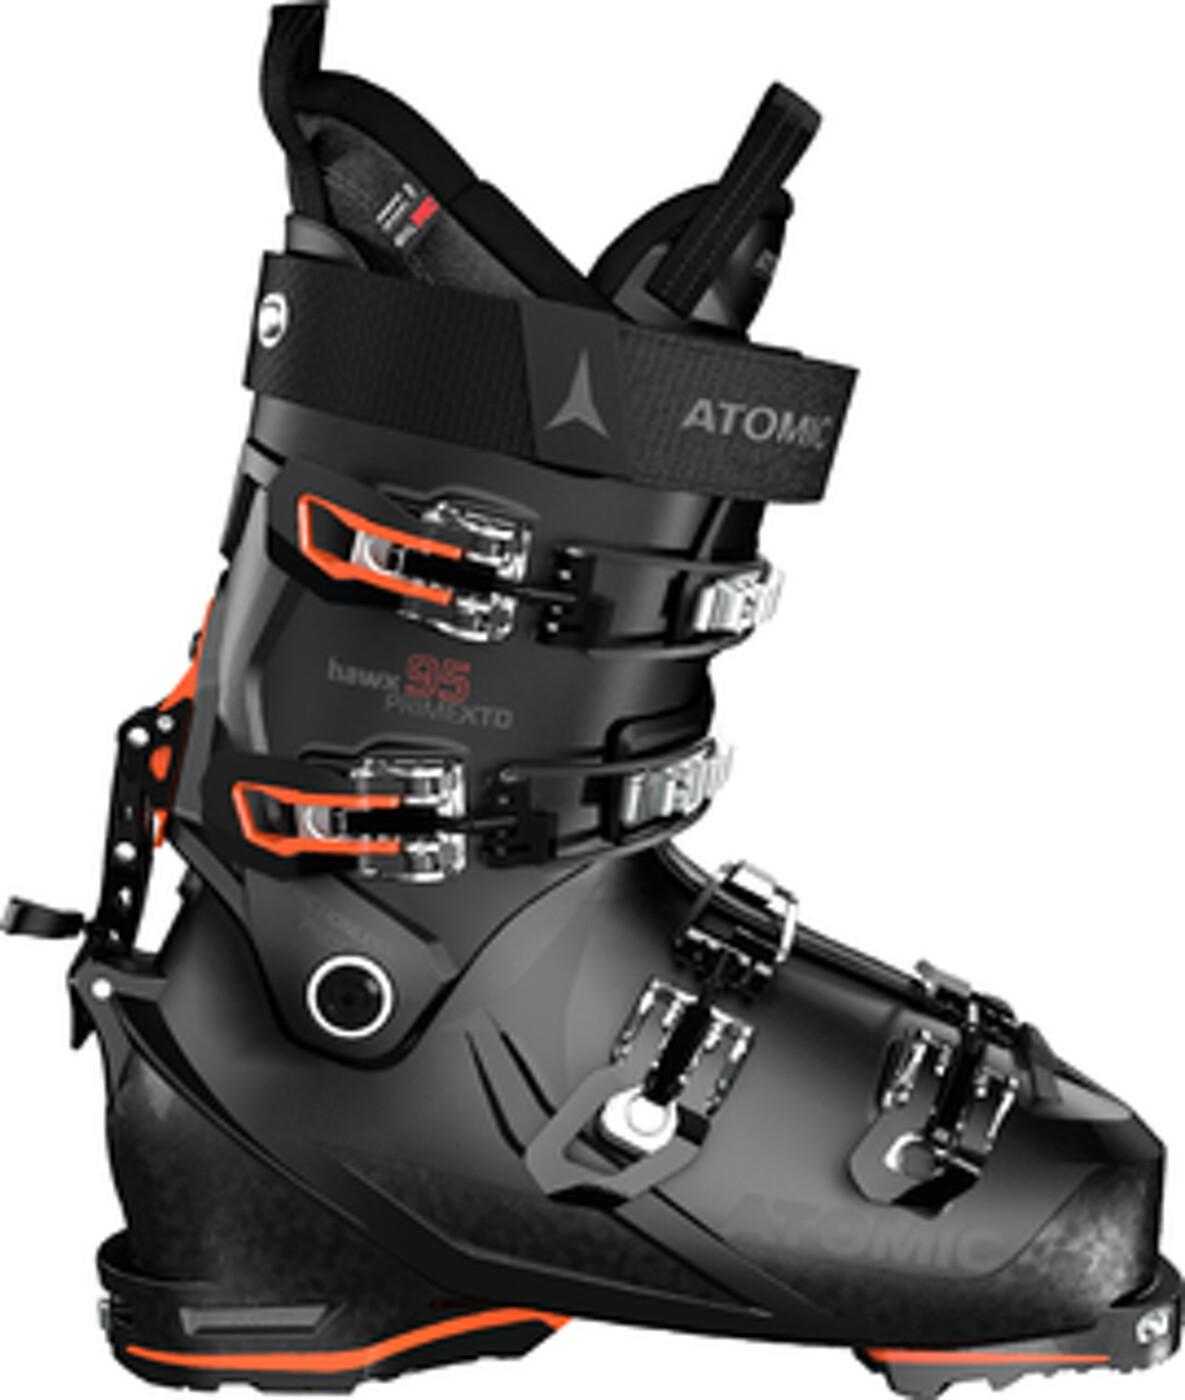 ATOMIC HAWX PRIME XTD 95 W TECH GW Black/Coral - Damen